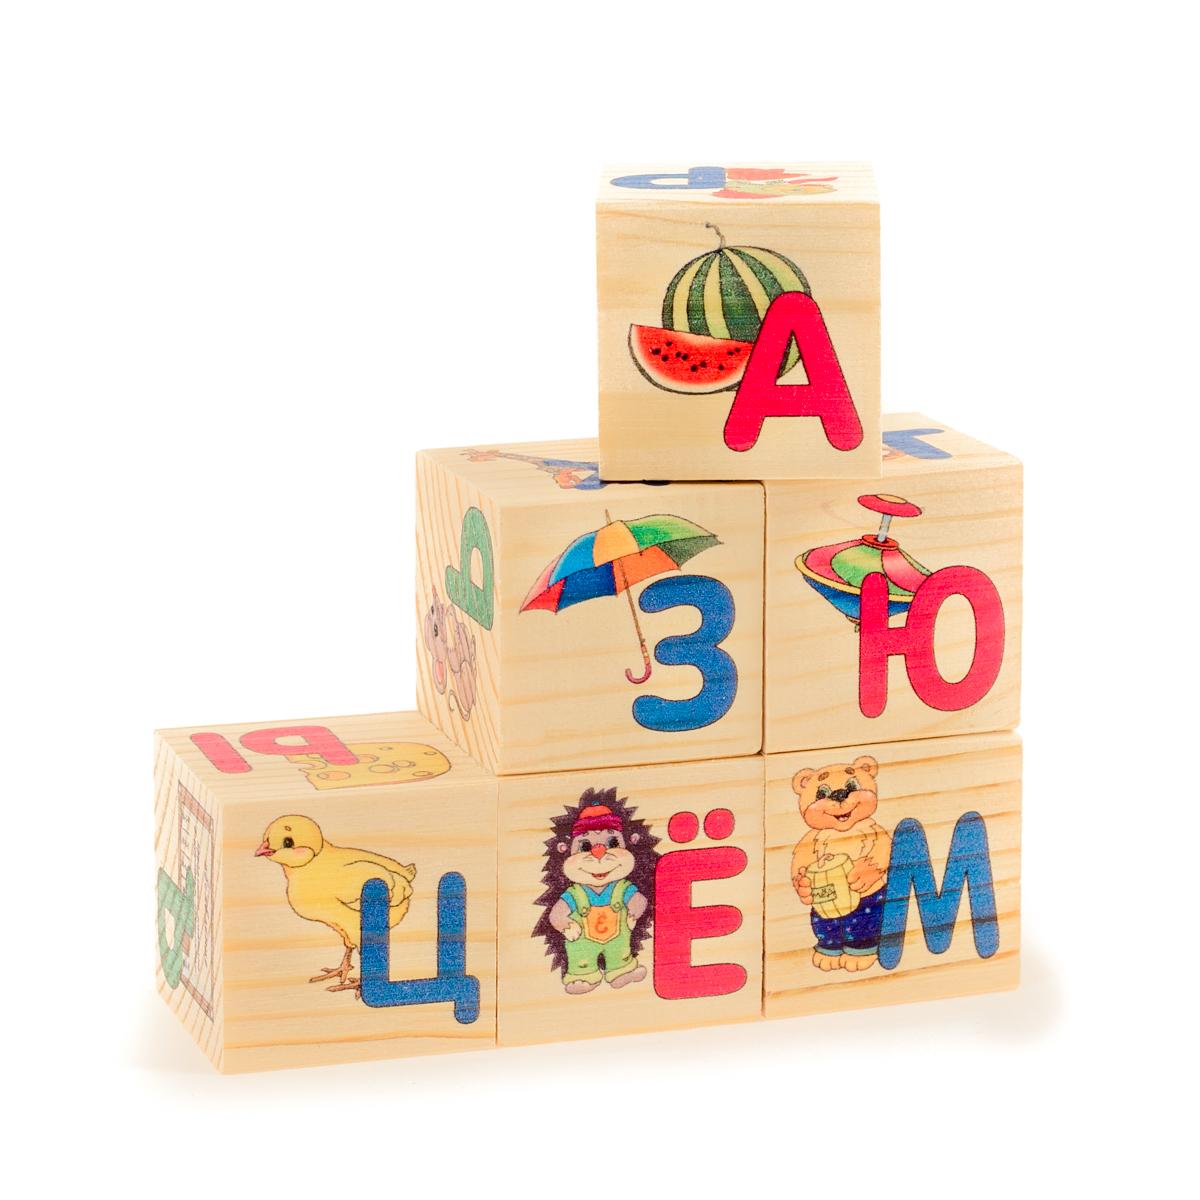 Развивающие деревянные игрушки Кубики Азбука деревянные игрушки престиж игрушка кубики азбука 30 деталей